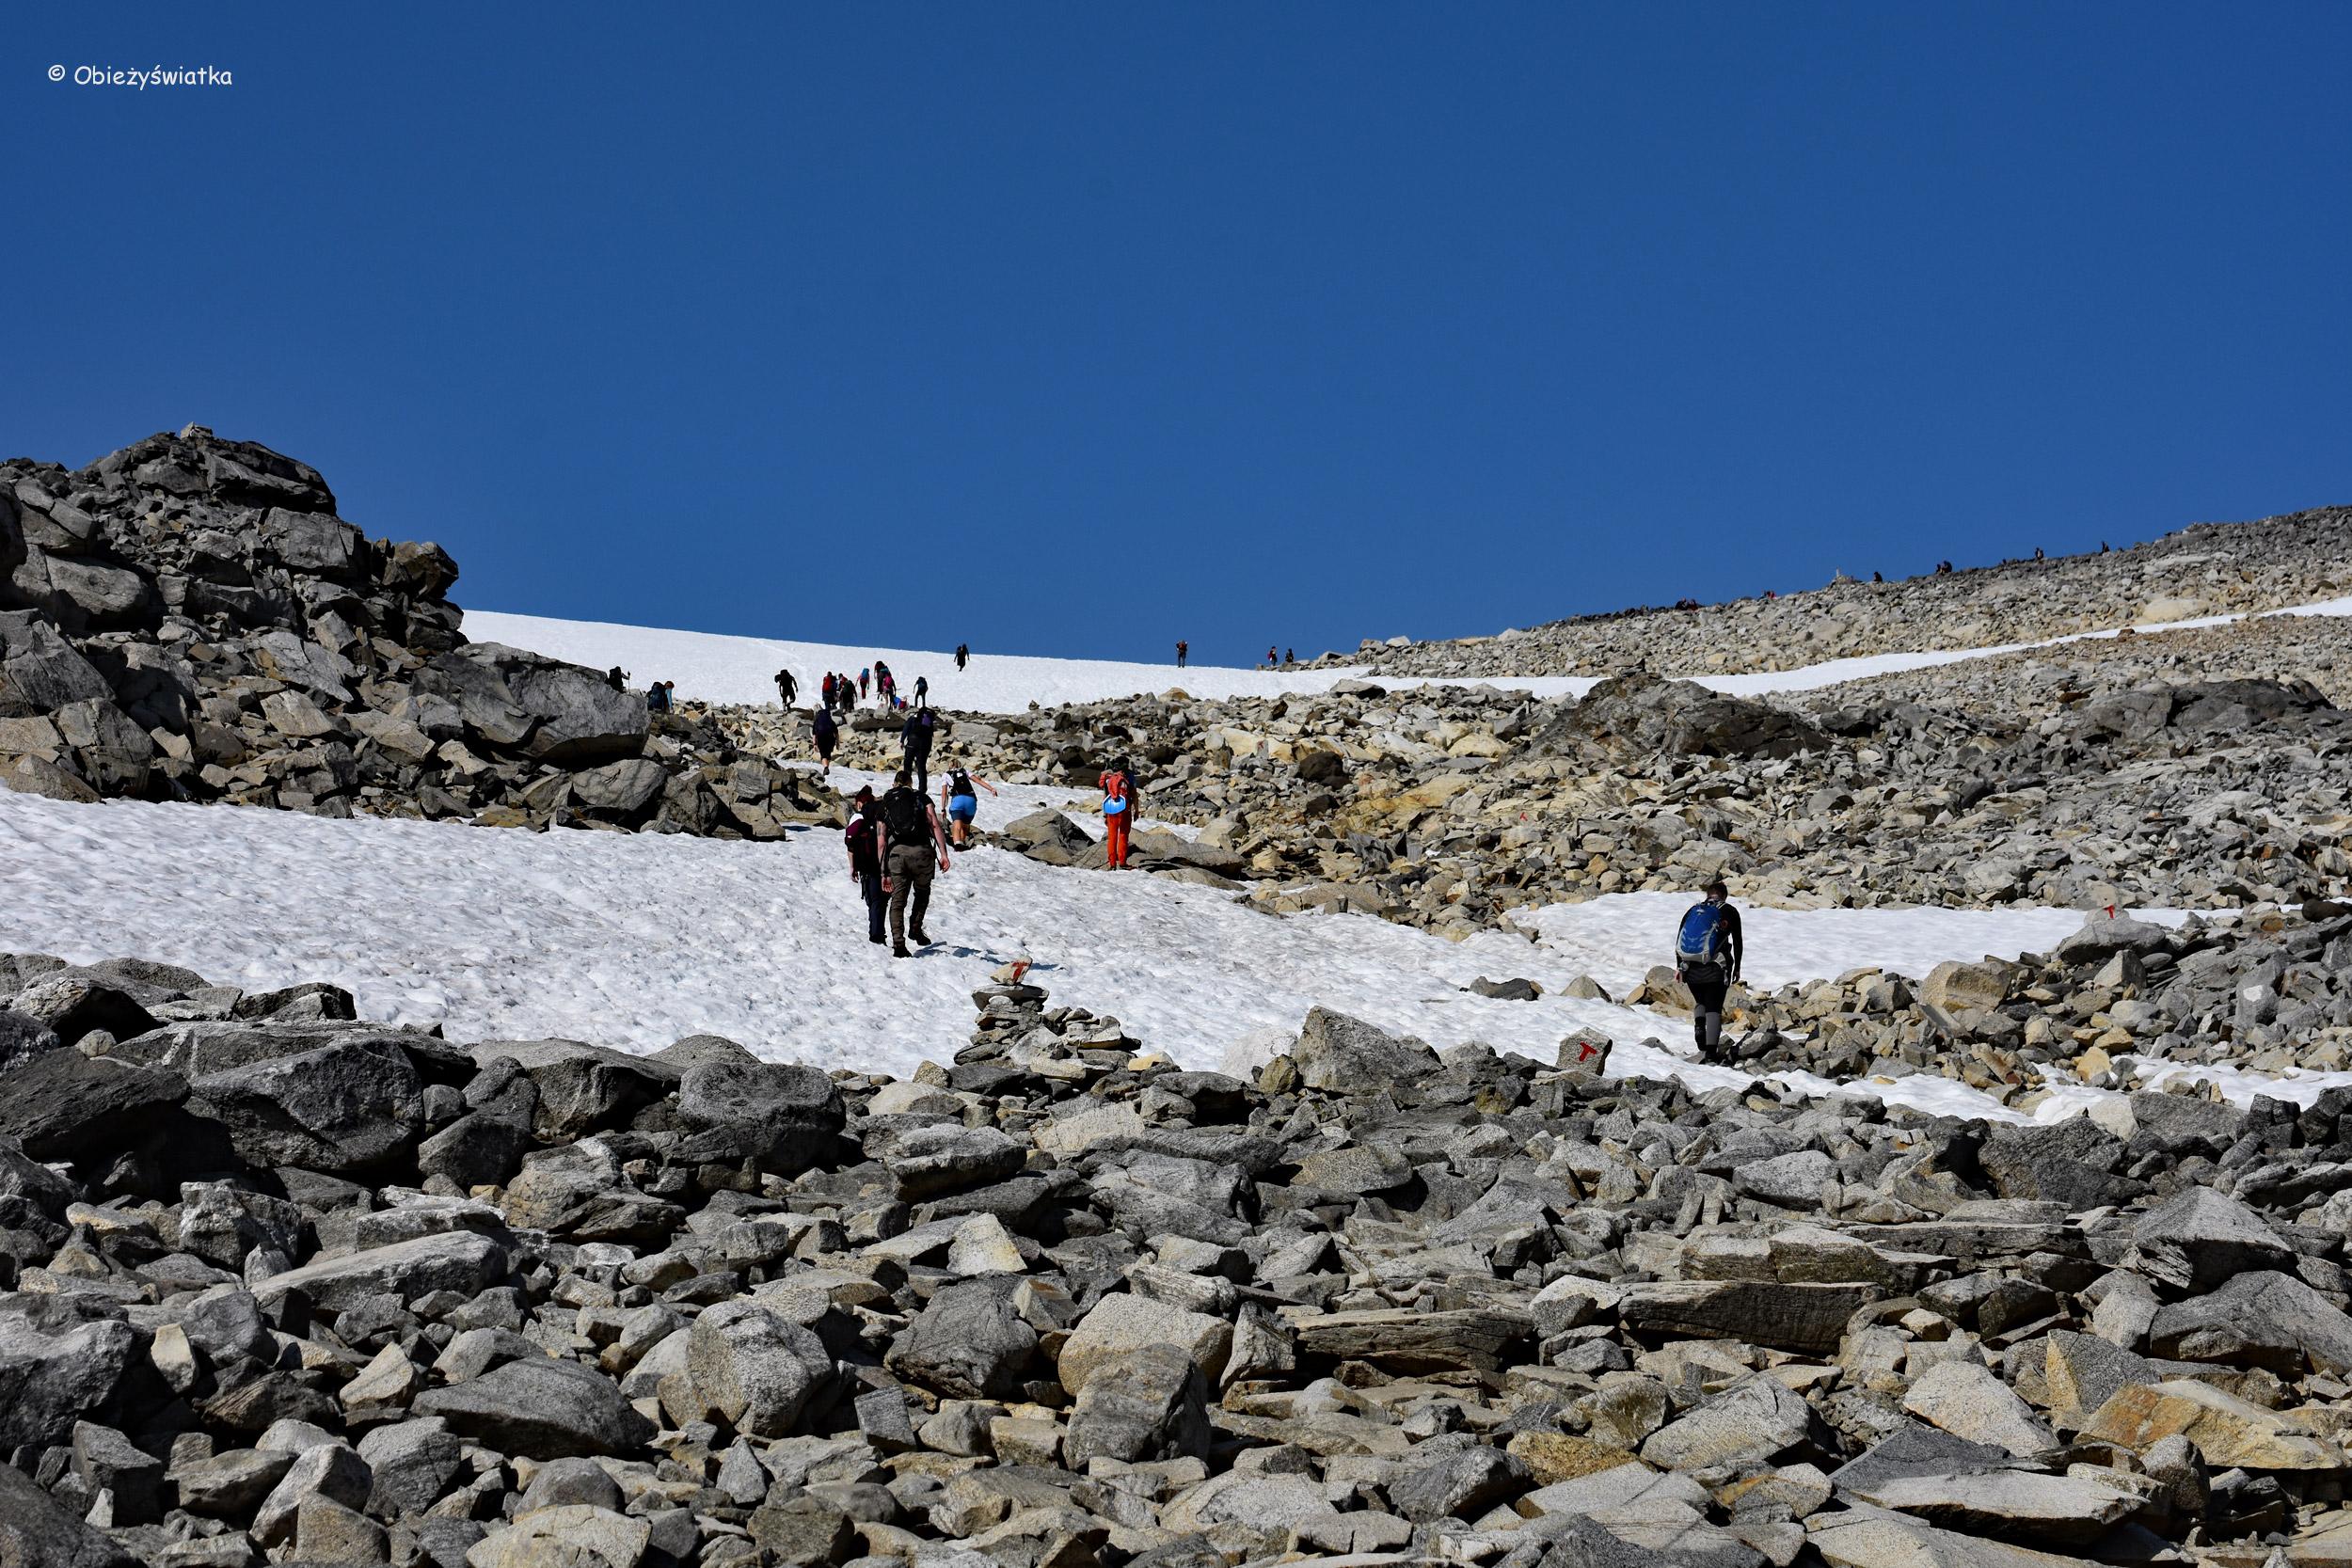 Kamienie i śnieg